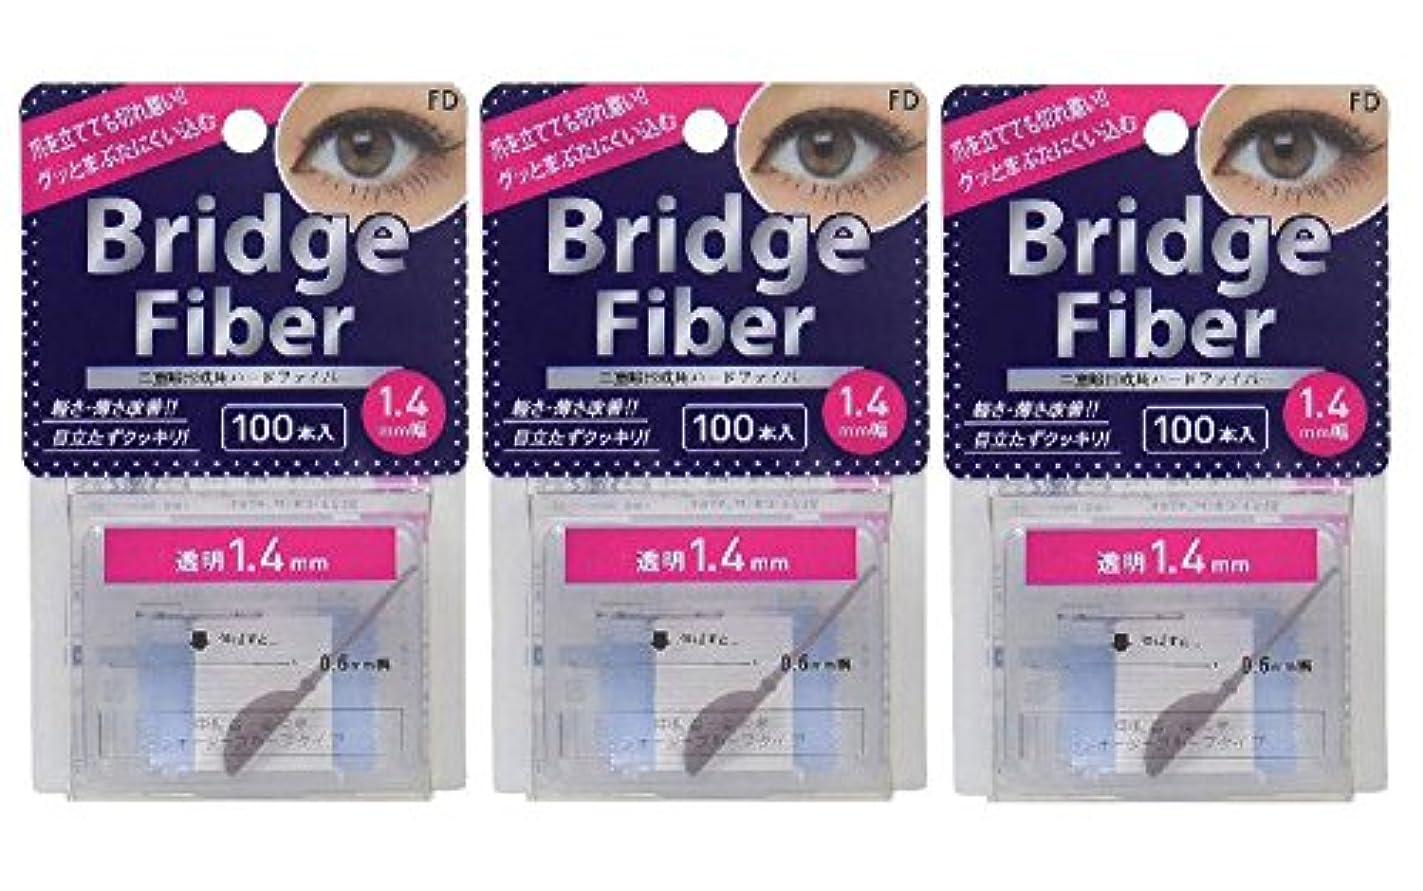 否認する国歌胴体FD ブリッジファイバーII (眼瞼下垂防止テープ) 3個セット 透明 1.4mm